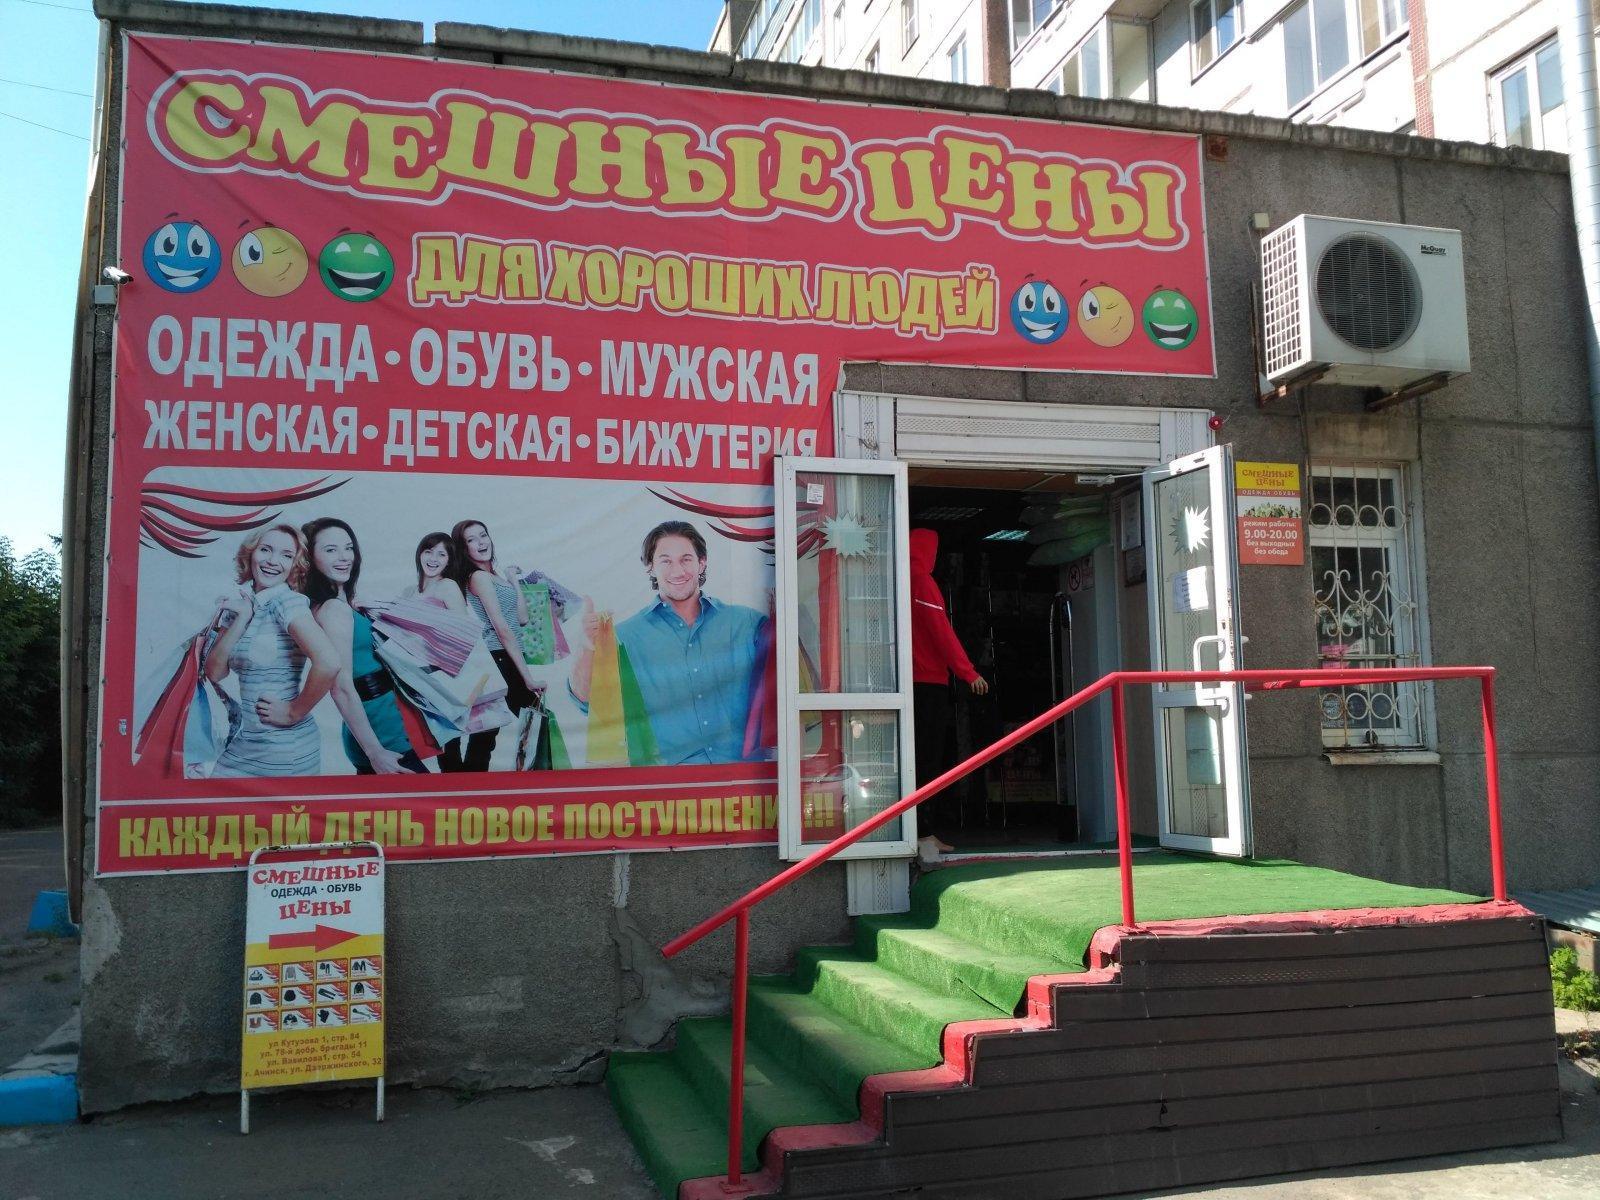 Смешные Цены Красноярск Адреса Магазинов